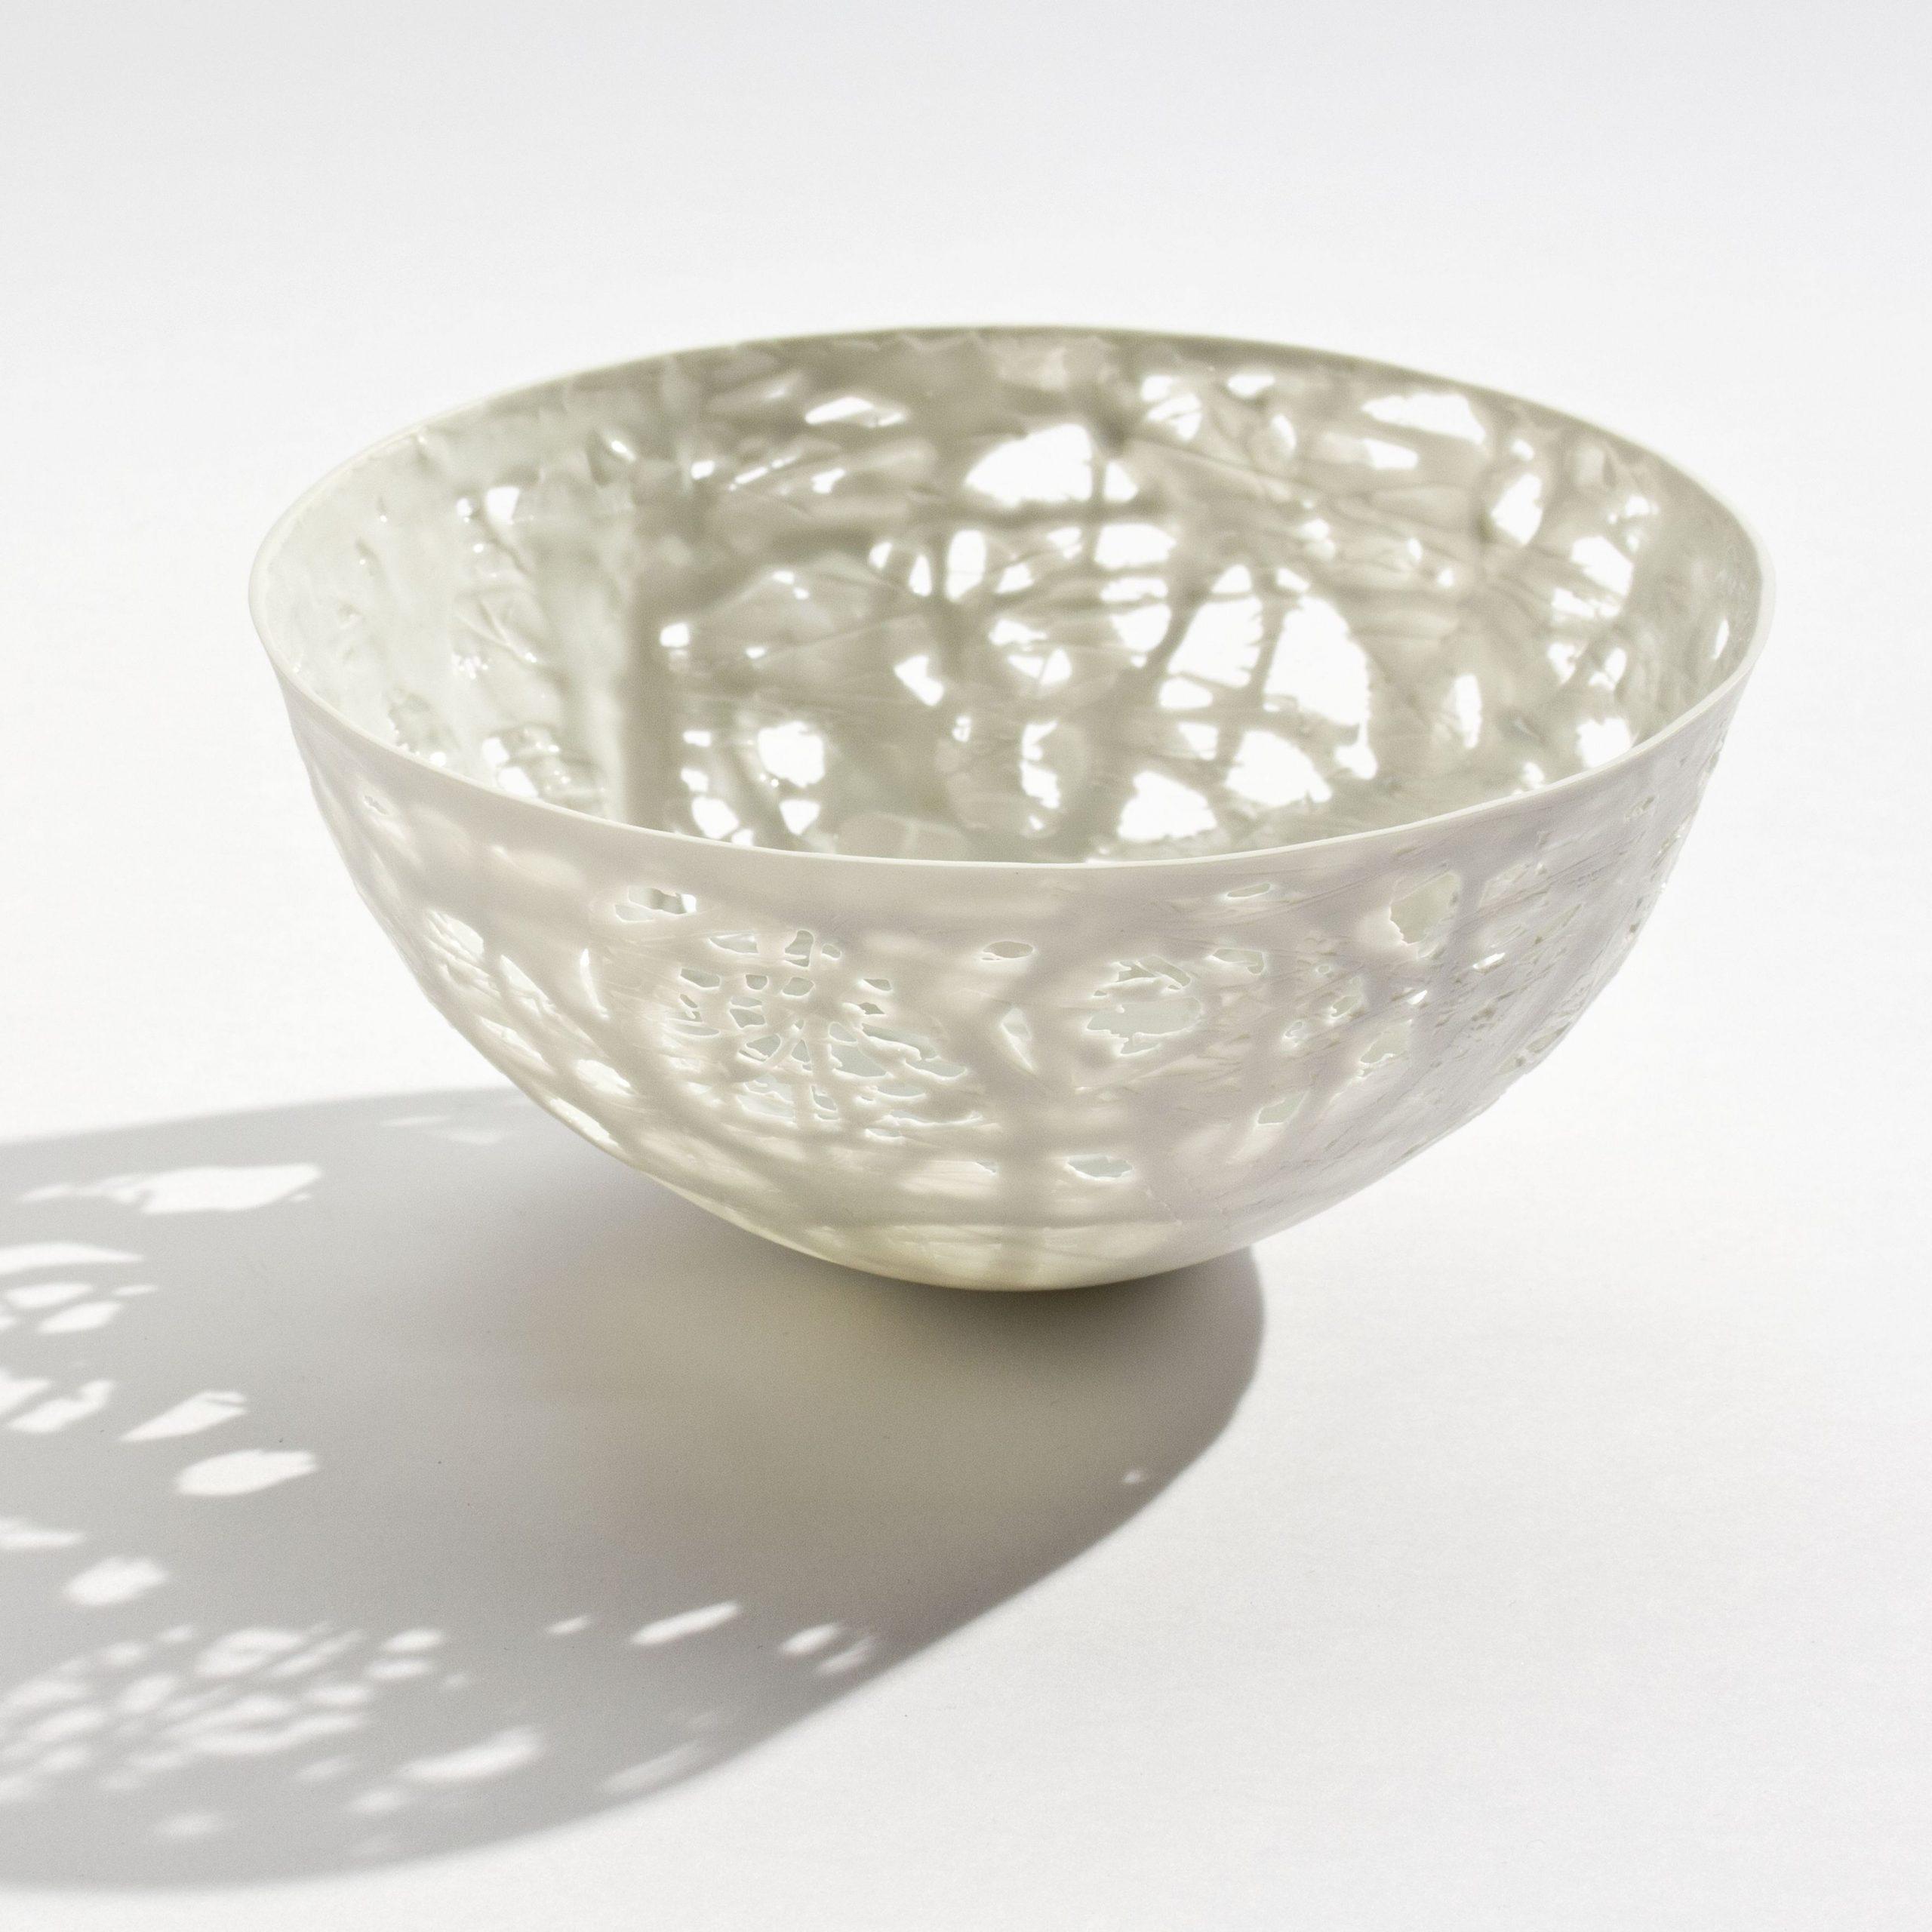 Keramik von Bärbel Thoelke eine kleine durchbrochene Schale aus dem Jahre 2009, &copy Angela Francisca Endress, Porzellanikon – Staatliches Museum für Porzellan Hohenberg a. d. Eger/Selb